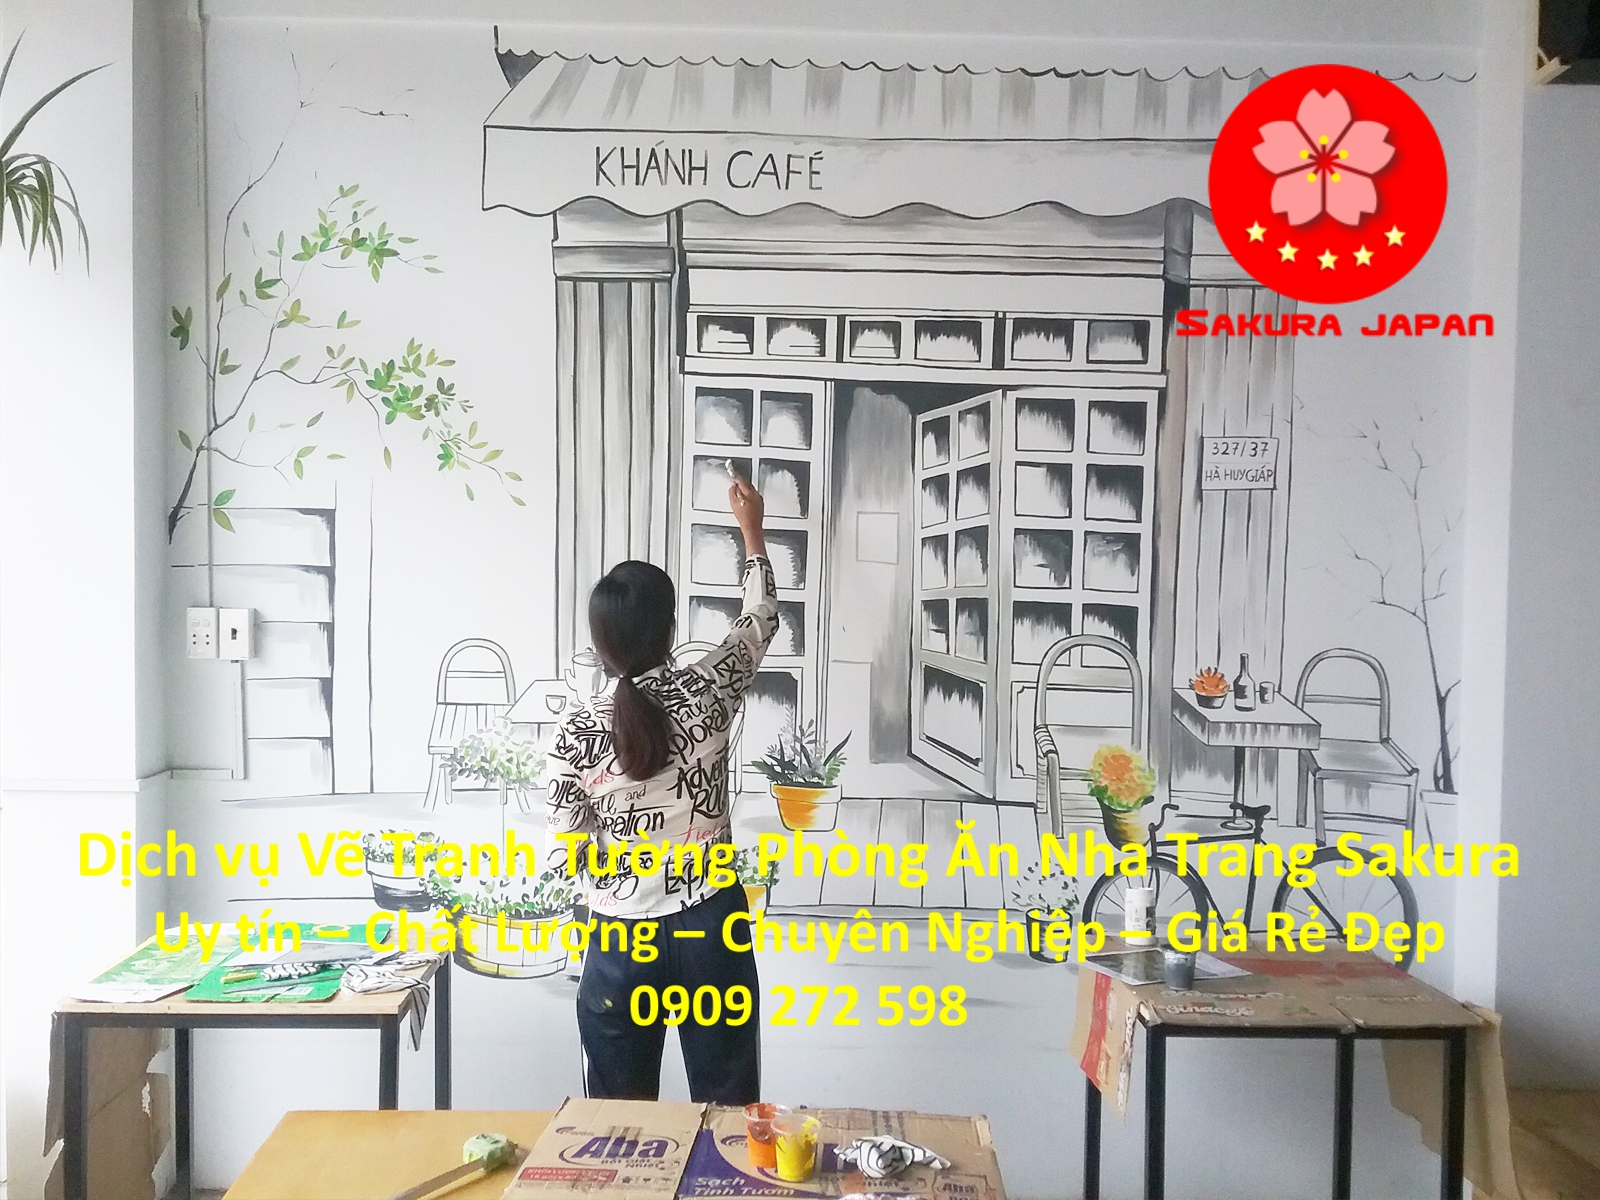 Dịch vụ Vẽ tranh Tường Phòng Ăn Nha Trang Nghệ Thuật uy tín Rẻ Đẹp Nhất